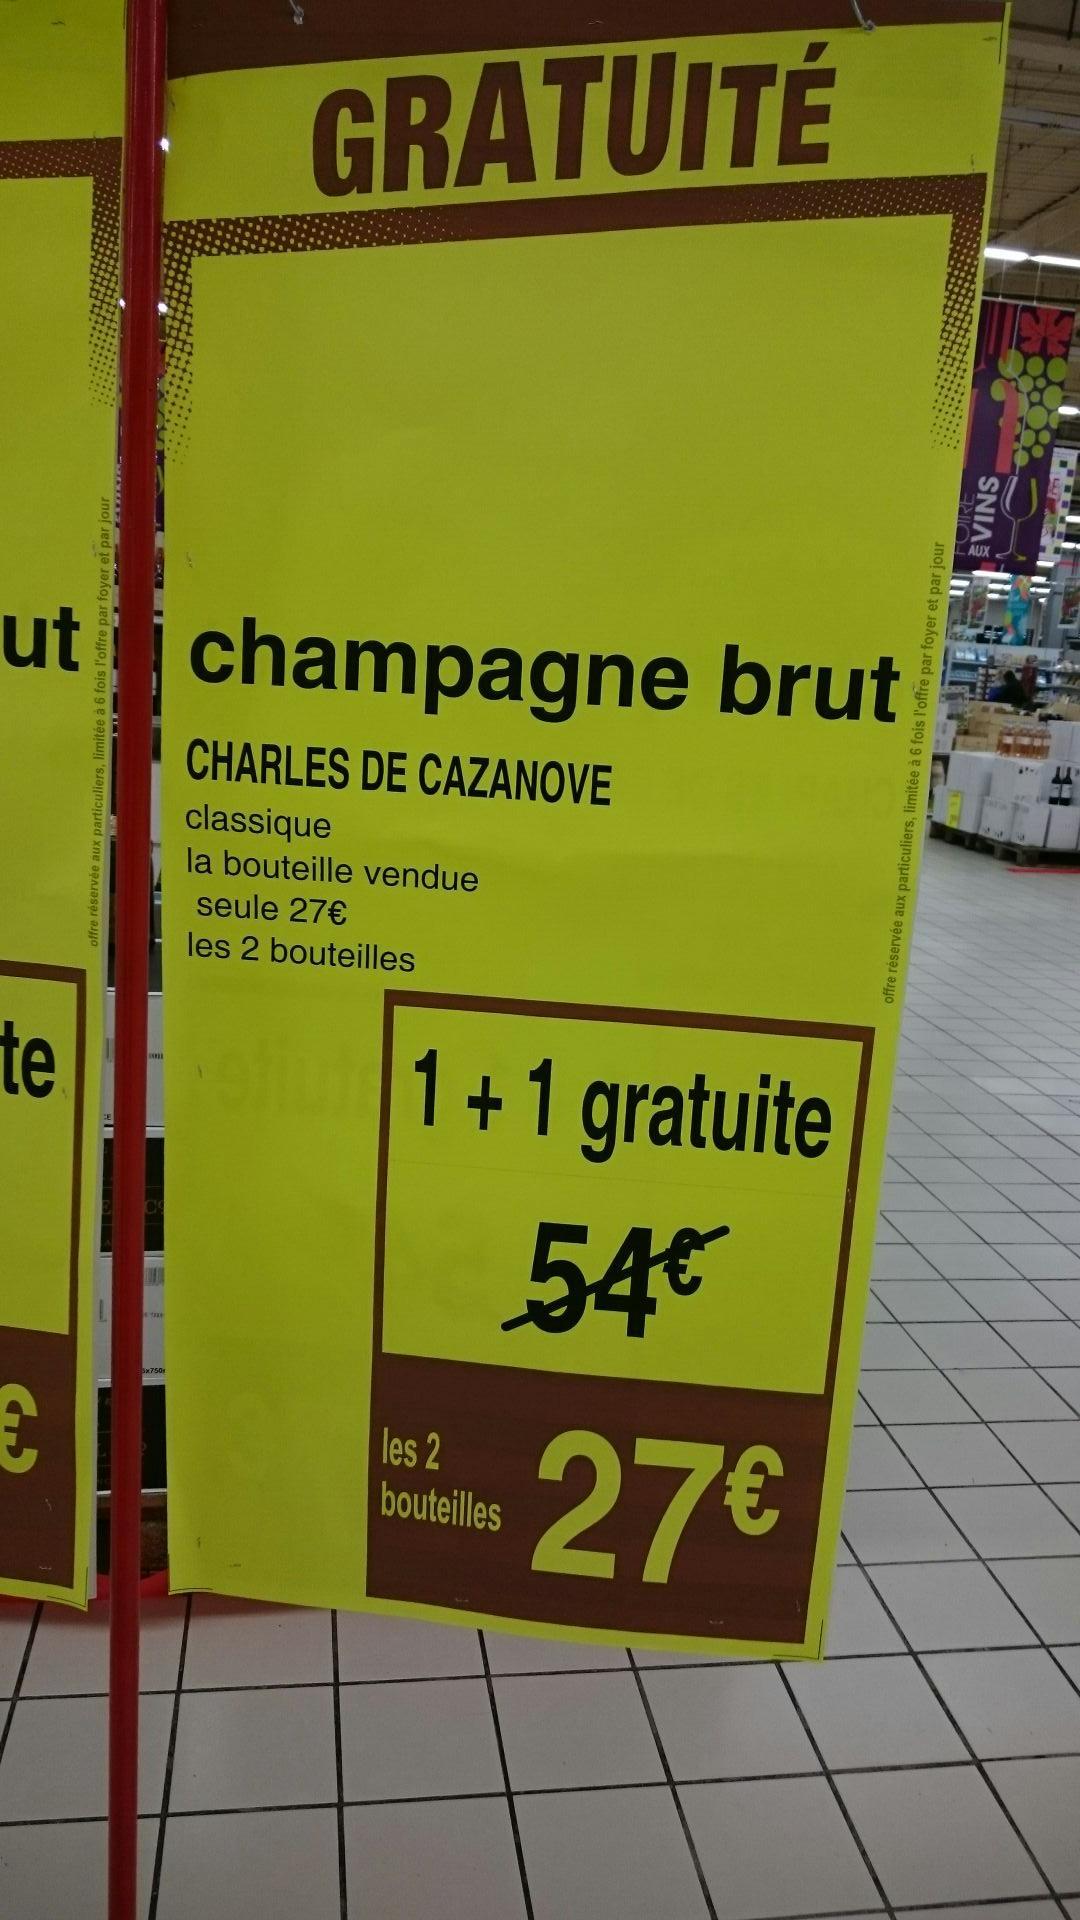 2 bouteilles de Champagne brut Charles de Cazanove